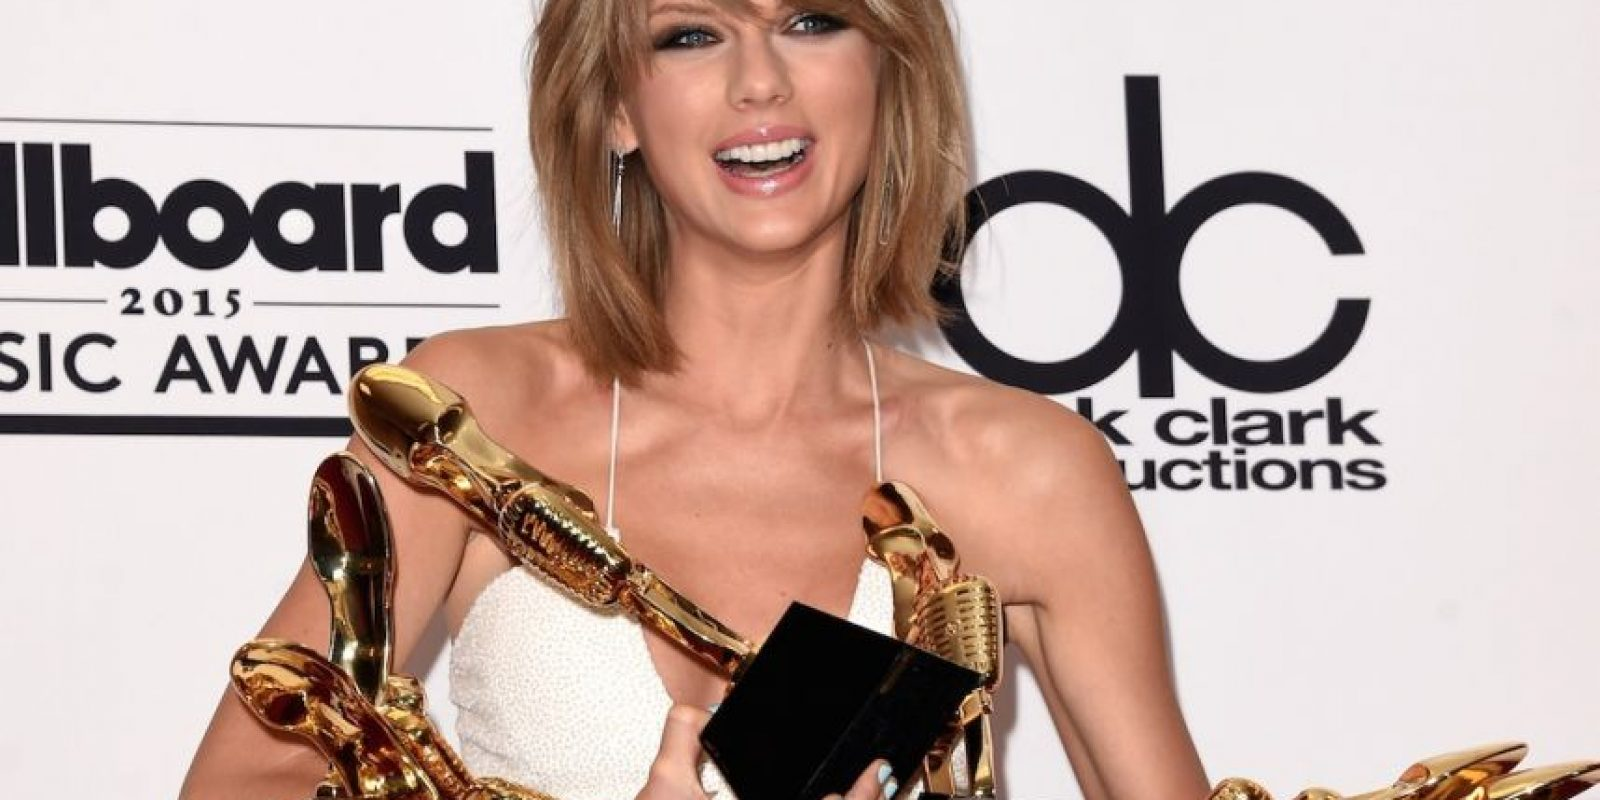 """Dicho álbum se convirtió en el más vendido de 2014, según la revista """"Billboard"""" Foto:Getty Images"""